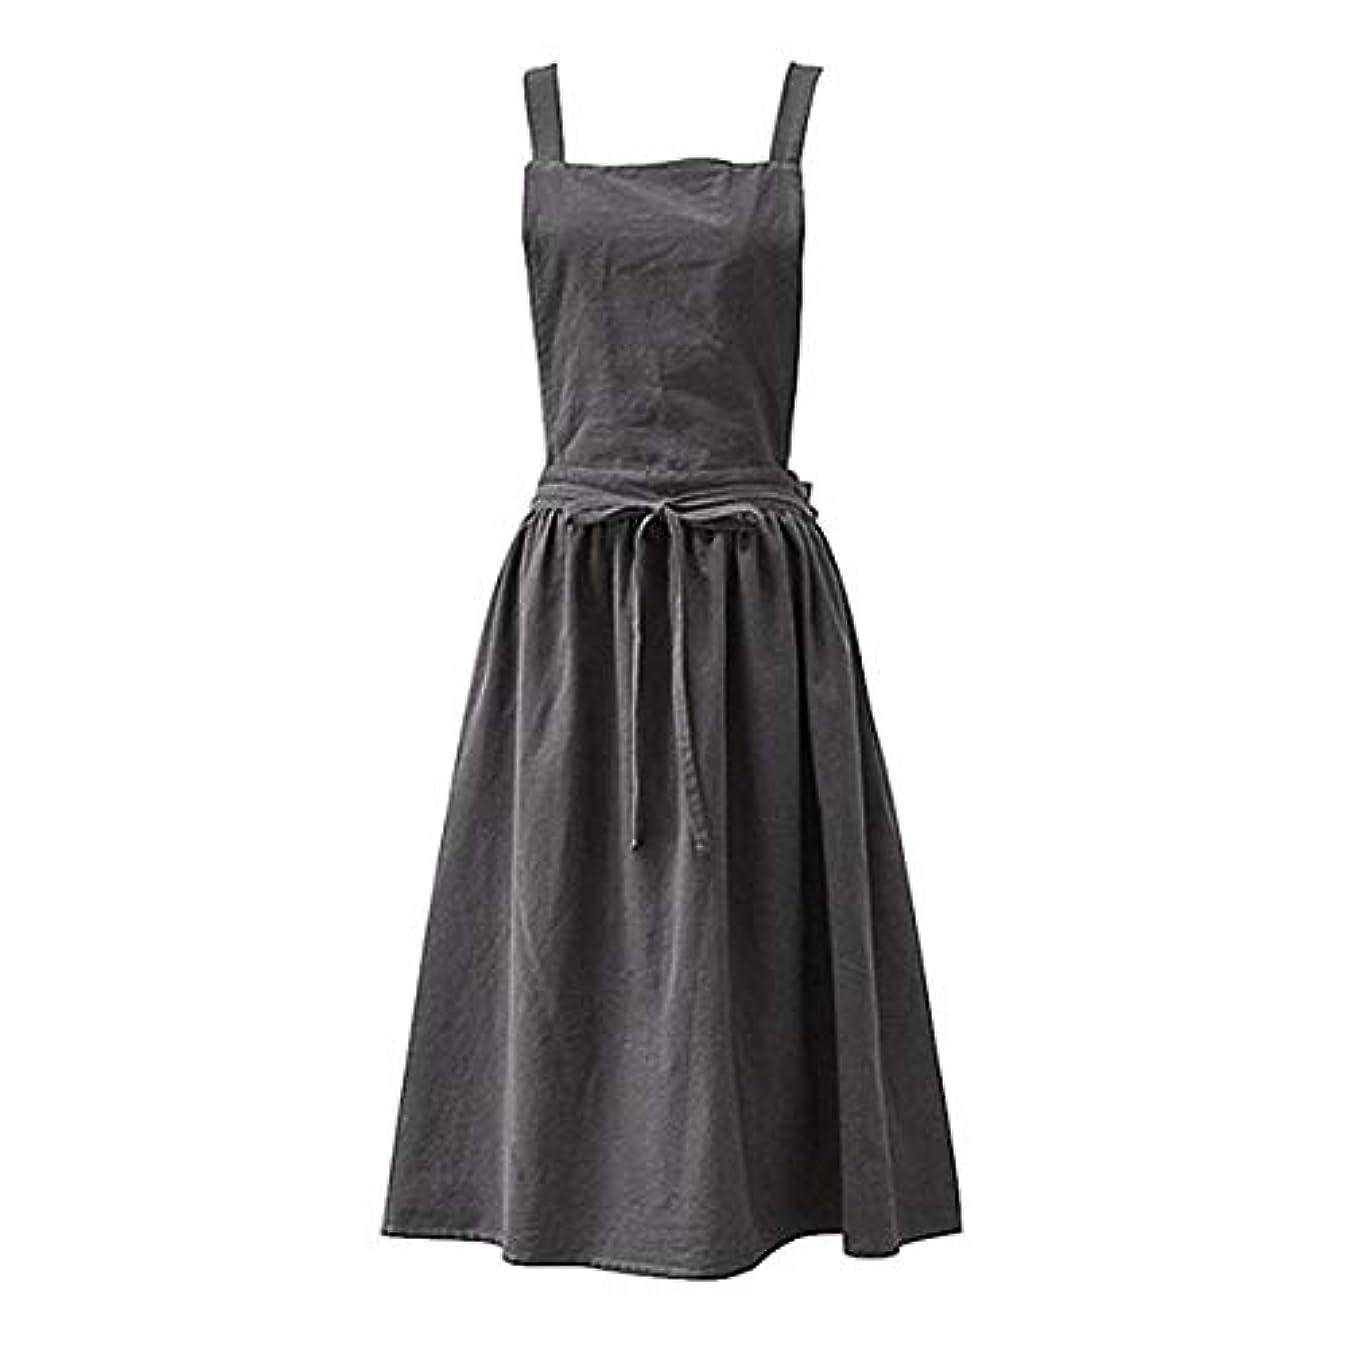 最適召喚するモーターAprons for the Kitchen Simple Washed Cotton Uniform Aprons for Woman Kitchen apron Cooking Coffee Shop apron for women Charcoal grey